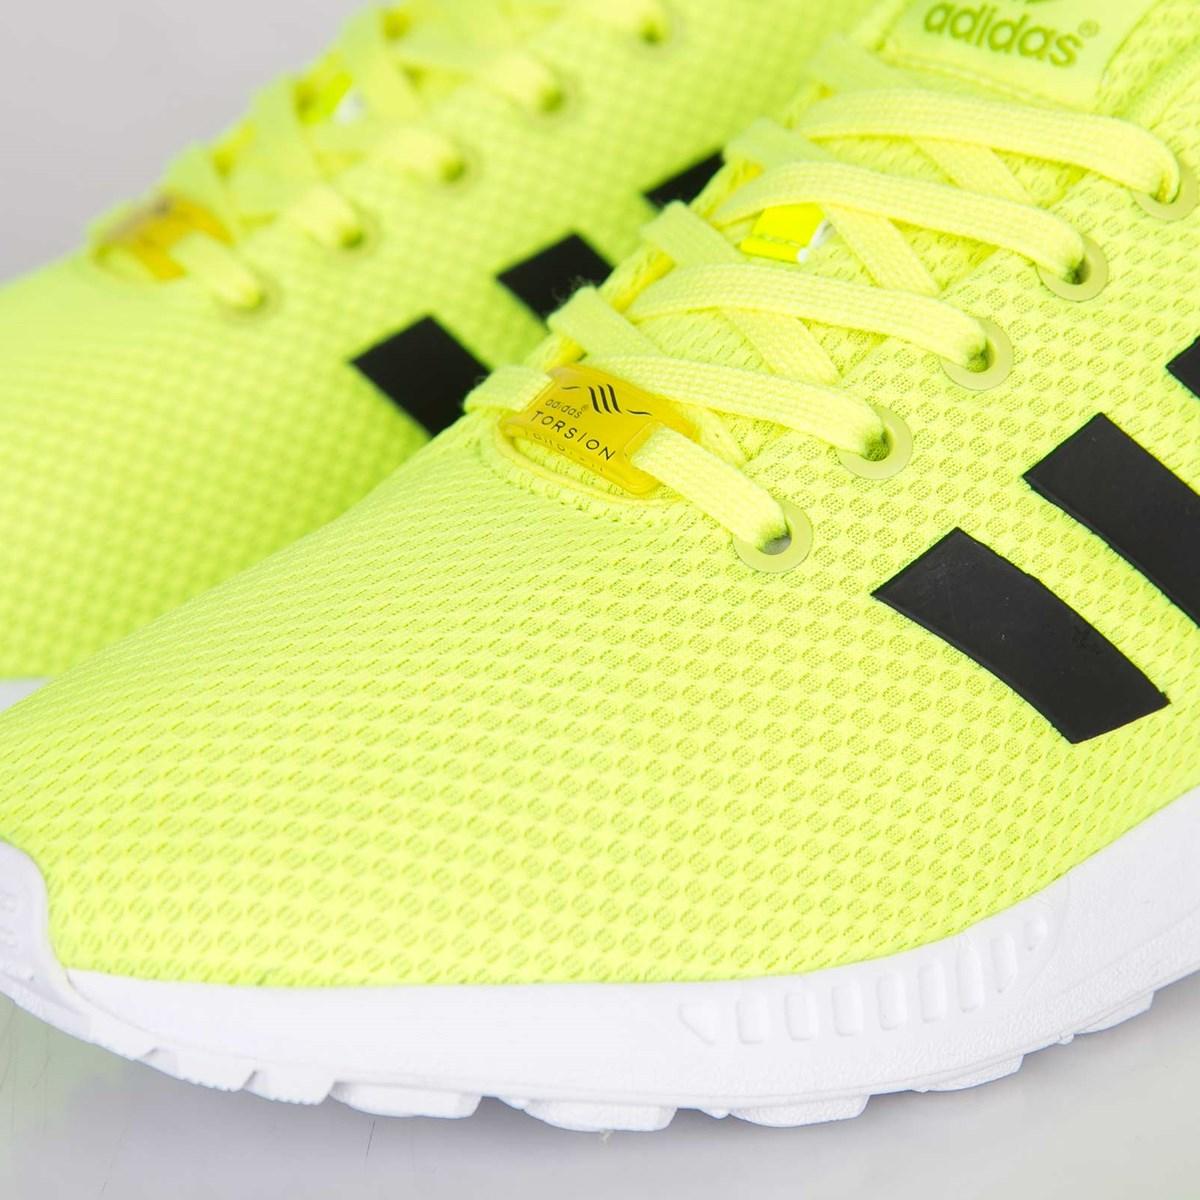 the best attitude 3a24f ca5a8 adidas ZX Flux - M22508 - Sneakersnstuff   sneakers   streetwear online  since 1999